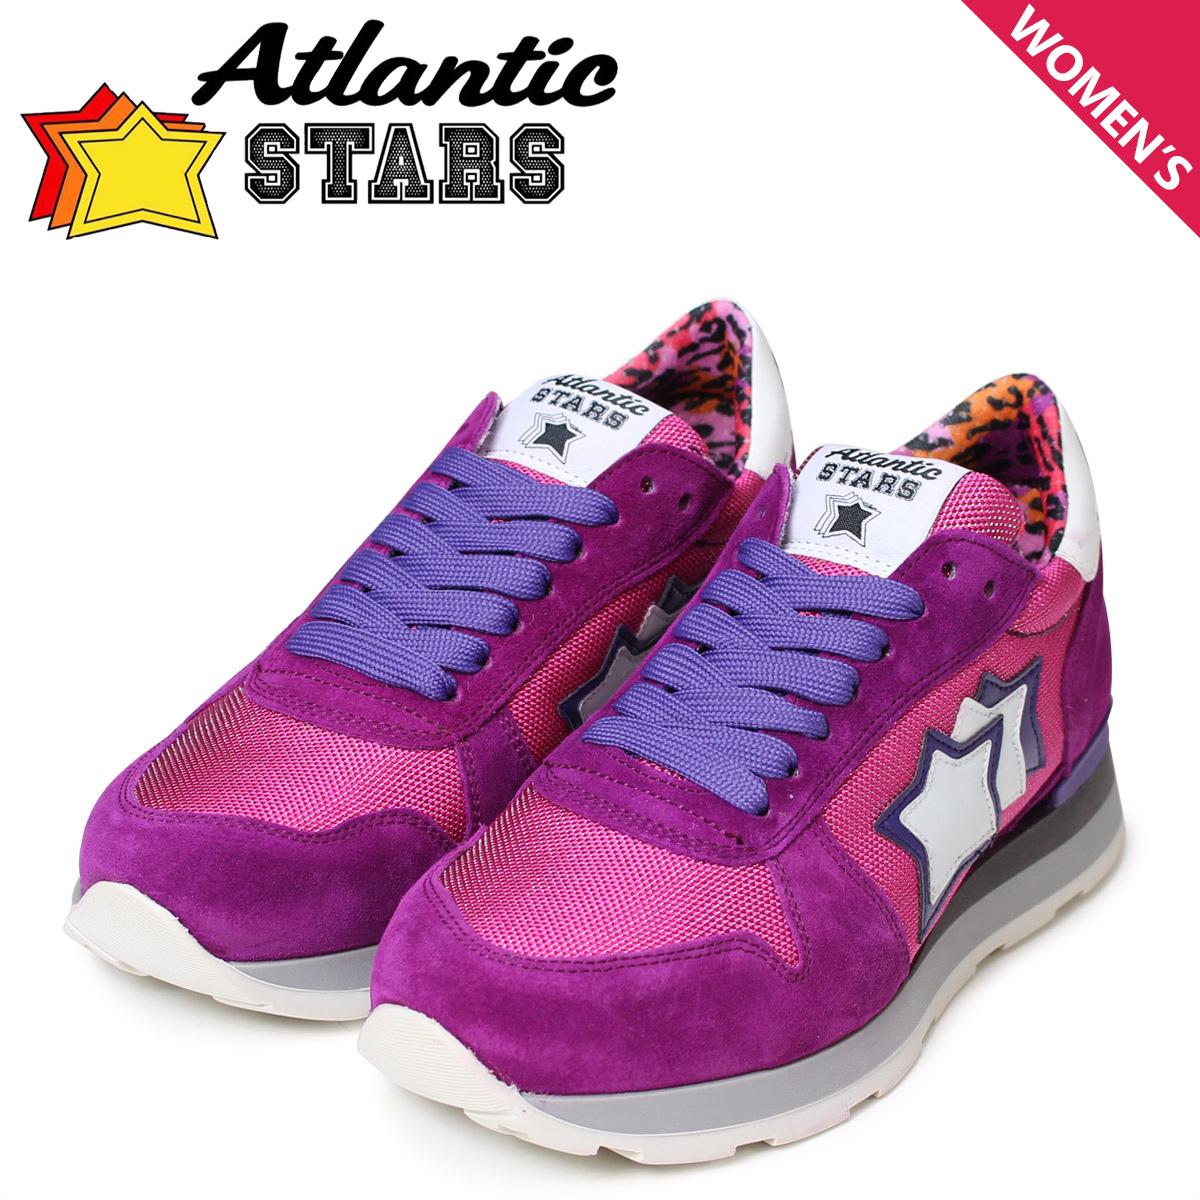 【お買い物マラソンSALE】 アトランティックスターズ Atlantic STARS ジェンマ スニーカー レディース GEMMA CFG-63VI ピンク パープル